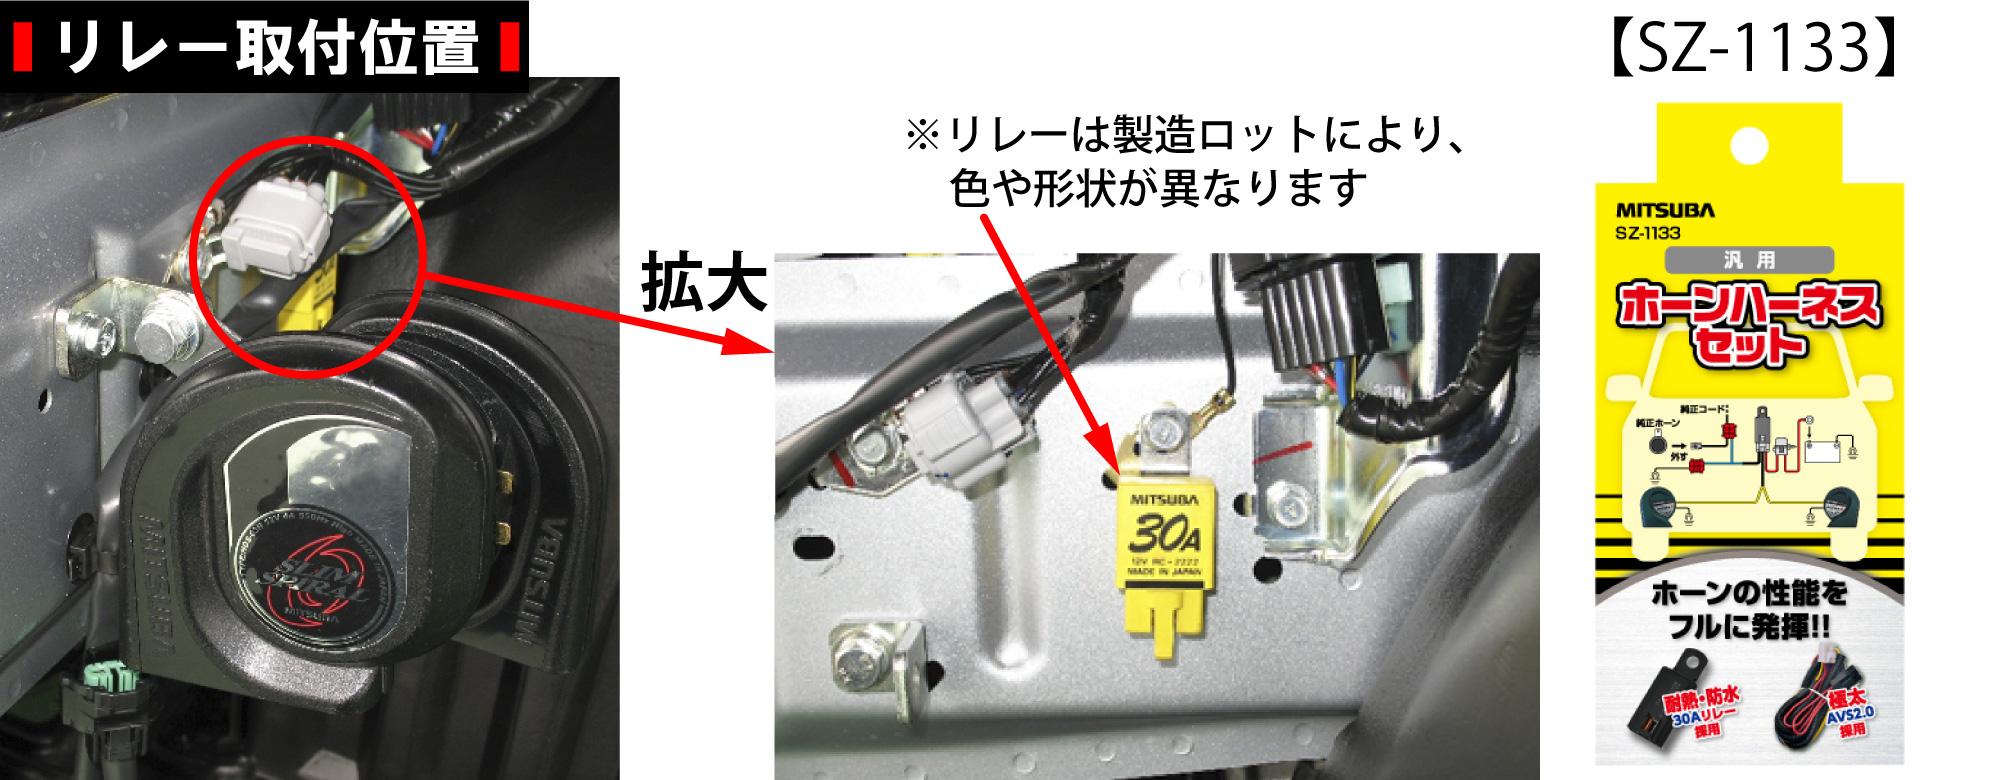 コルトプラス(Z21W)のホーン交換